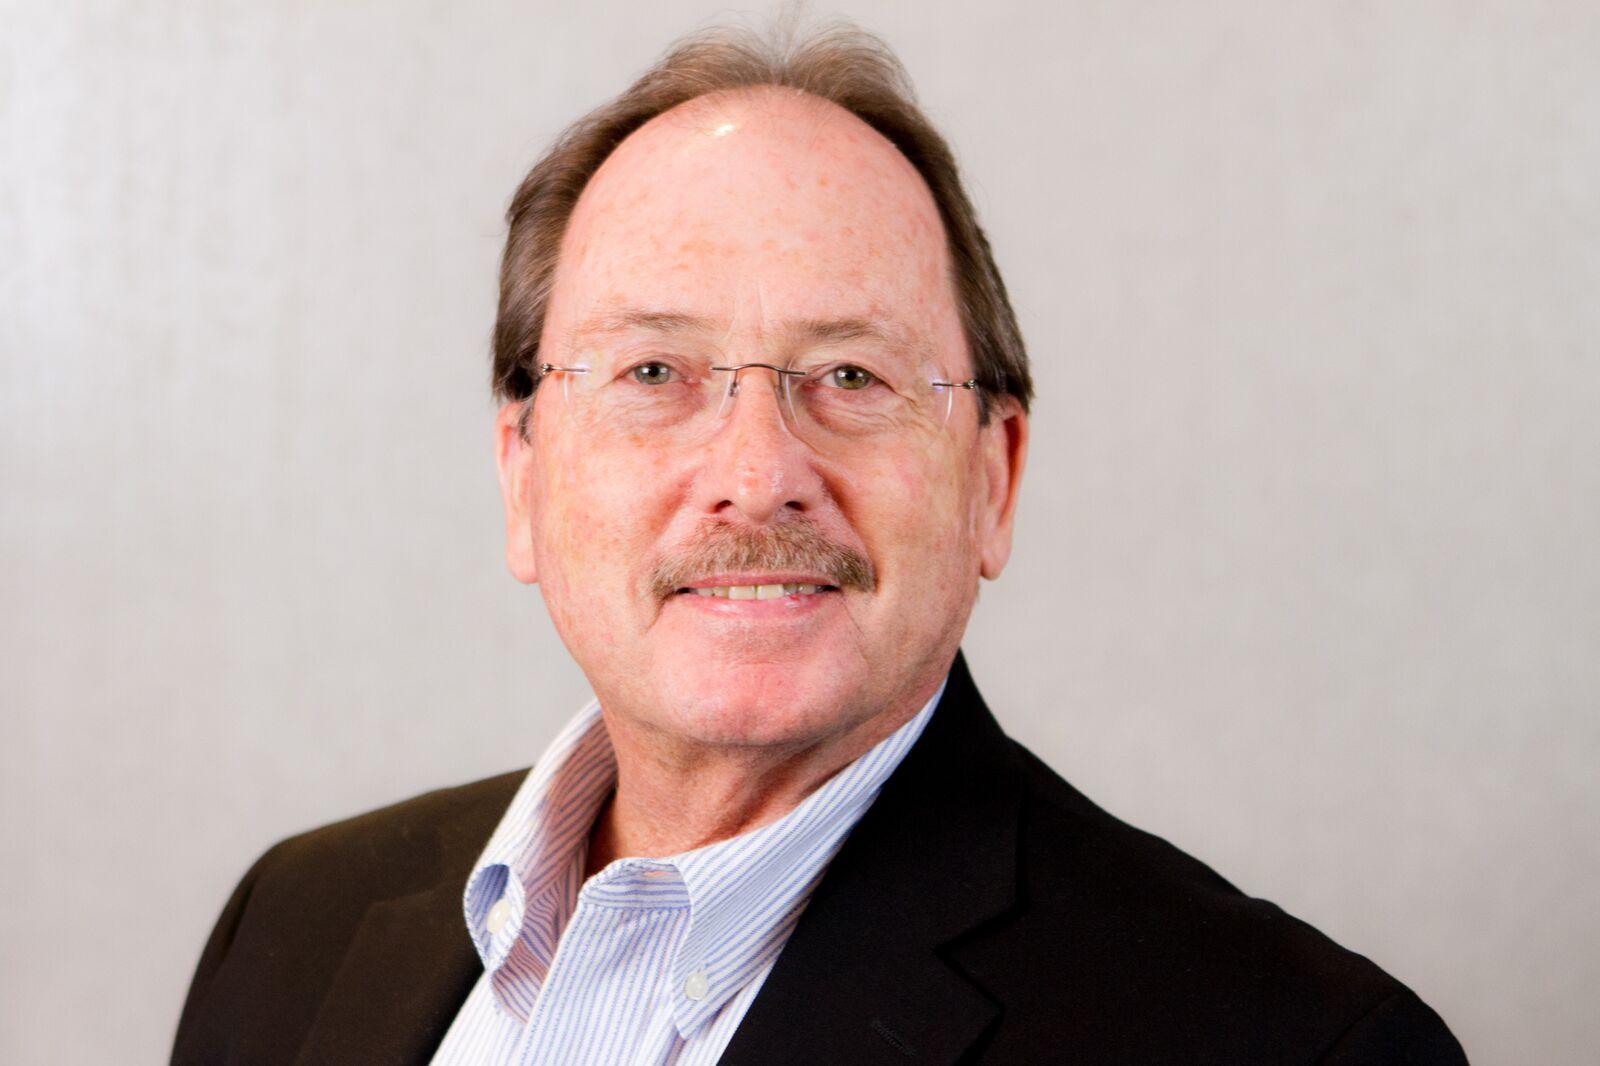 Mike Darley